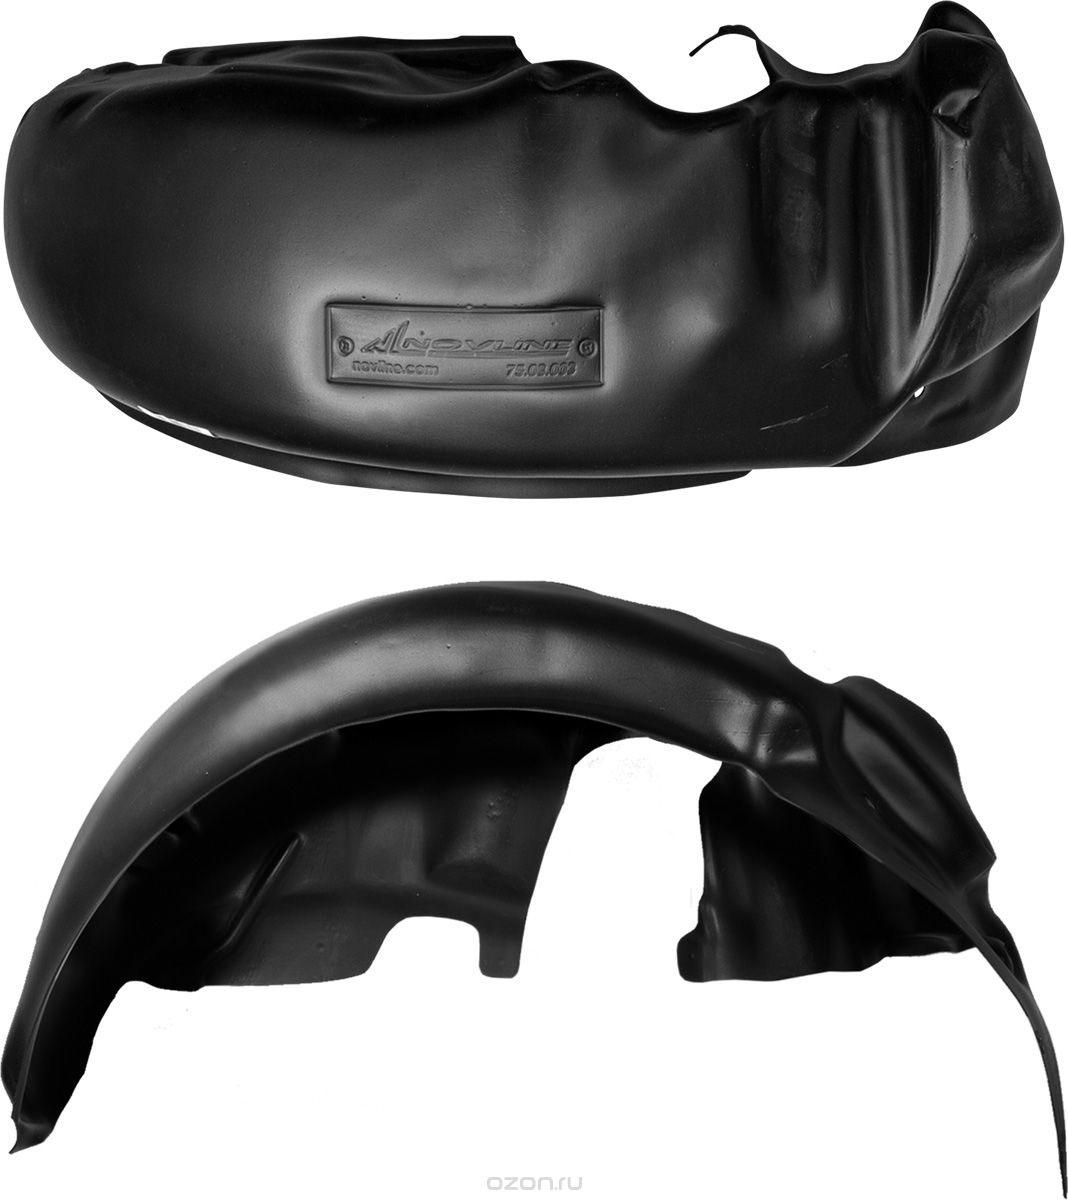 Подкрылок Novline-Autofamily, для ВАЗ 2113-15, 1997-2013, передний правый000712Идеальная защита колесной ниши. Локеры разработаны с применением цифровых технологий, гарантируют максимальную повторяемость поверхности арки. Изделия устанавливаются без нарушения лакокрасочного покрытия автомобиля, каждый подкрылок комплектуется крепежом. Уважаемые клиенты, обращаем ваше внимание, что фотографии на подкрылки универсальные и не отражают реальную форму изделия. При этом само изделие идет точно под размер указанного автомобиля.